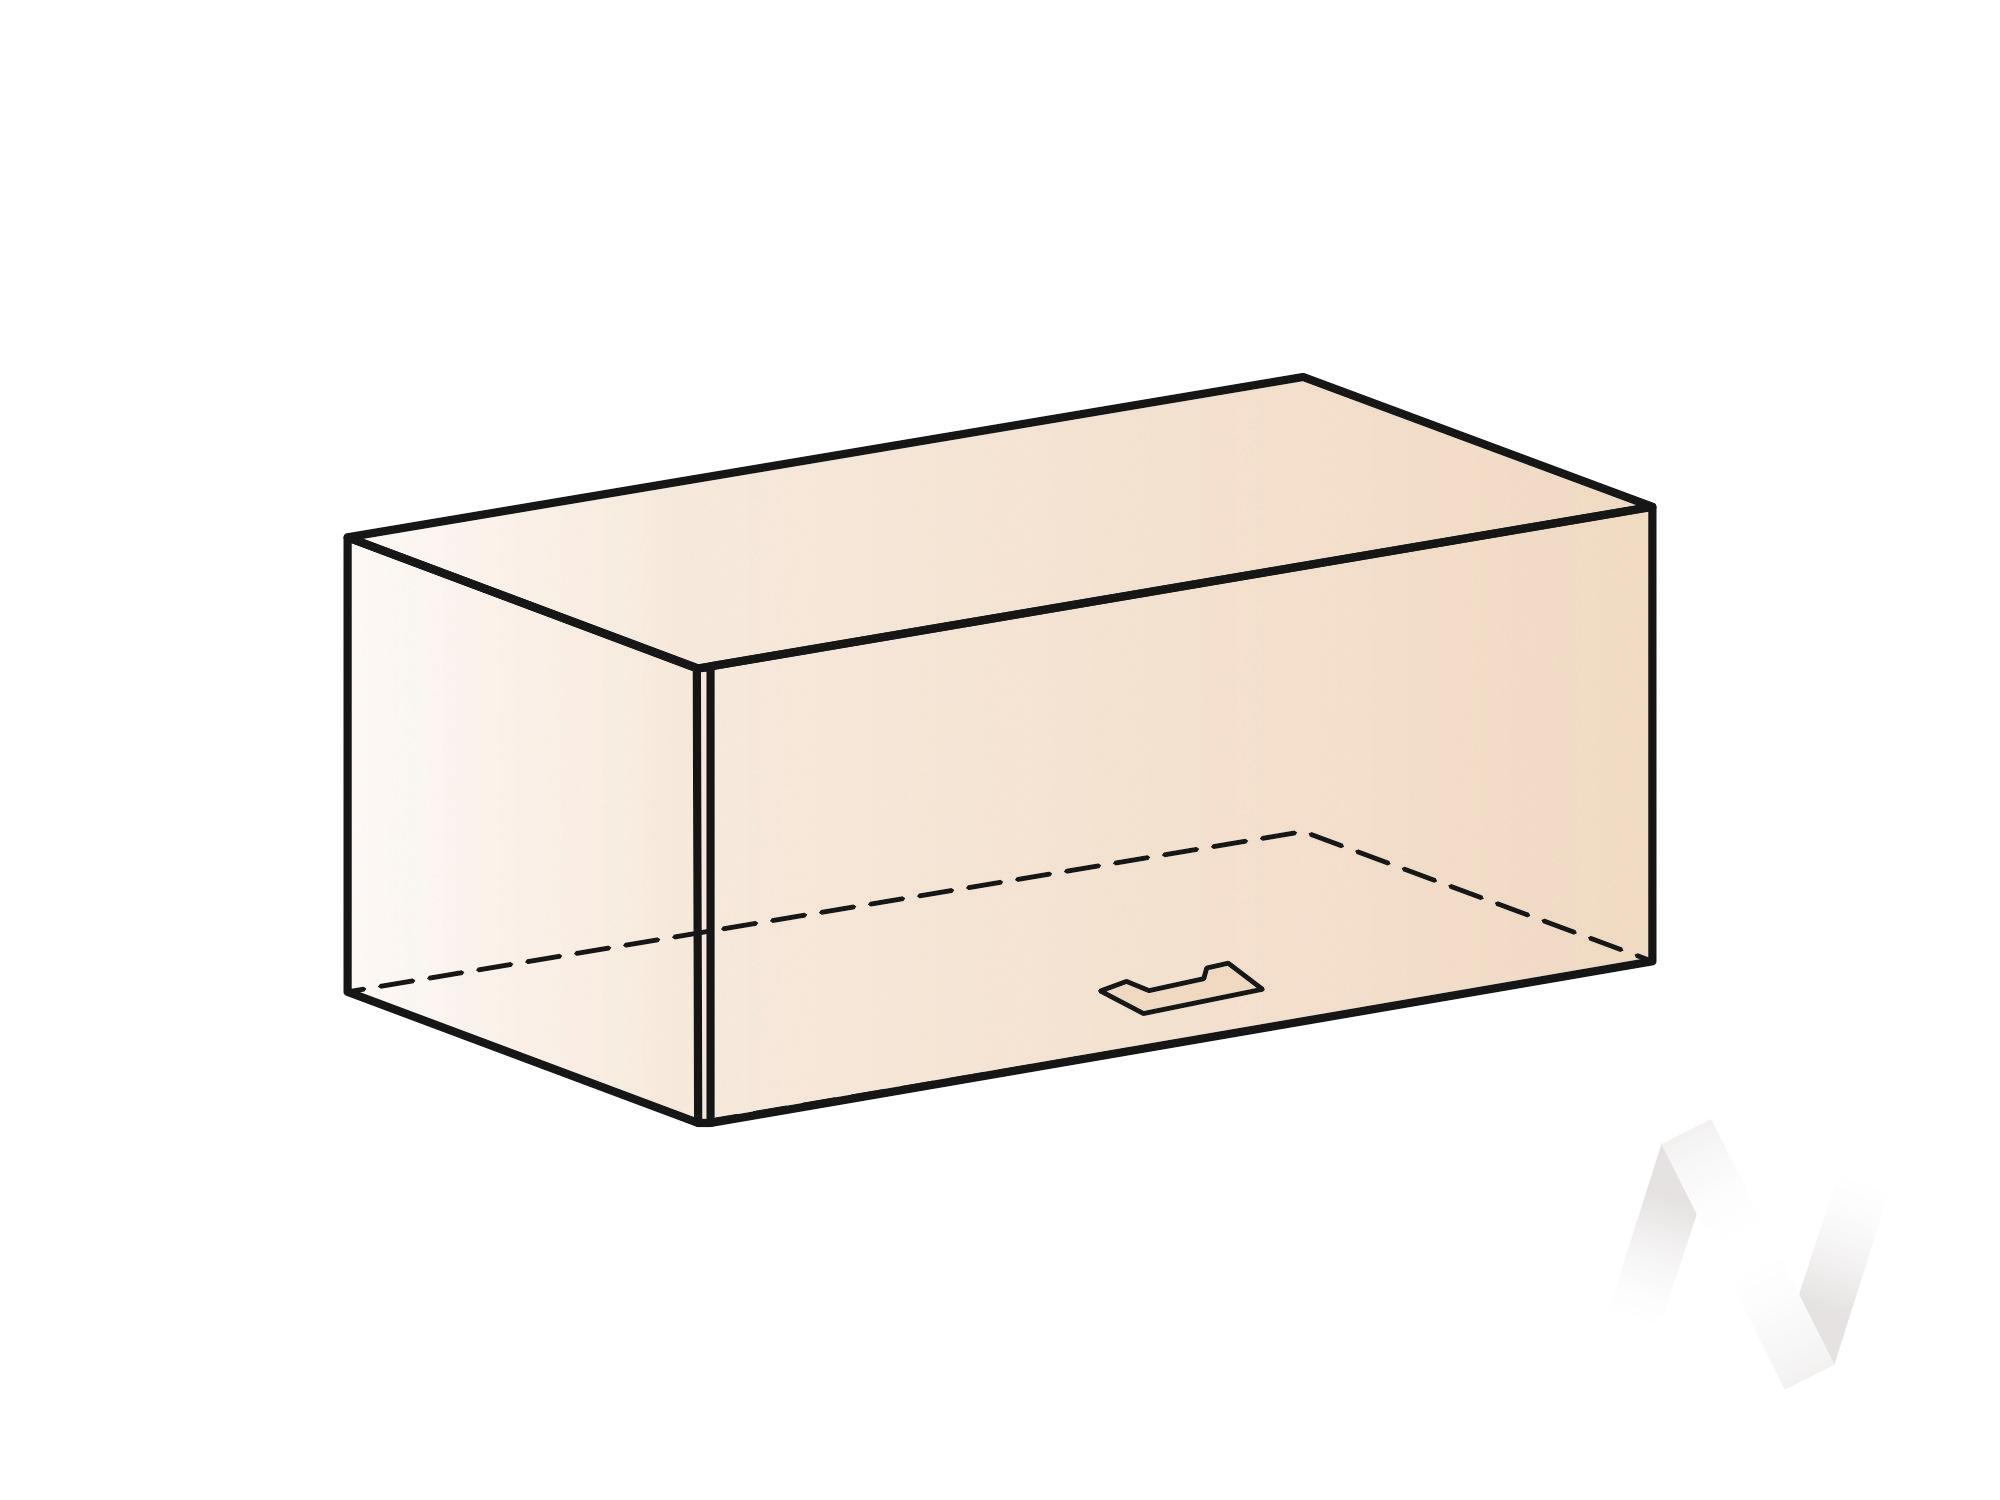 """Кухня """"Греция"""": Шкаф верхний горизонтальный 800, ШВГ 800 (белый металлик/корпус белый)  в Новосибирске - интернет магазин Мебельный Проспект"""